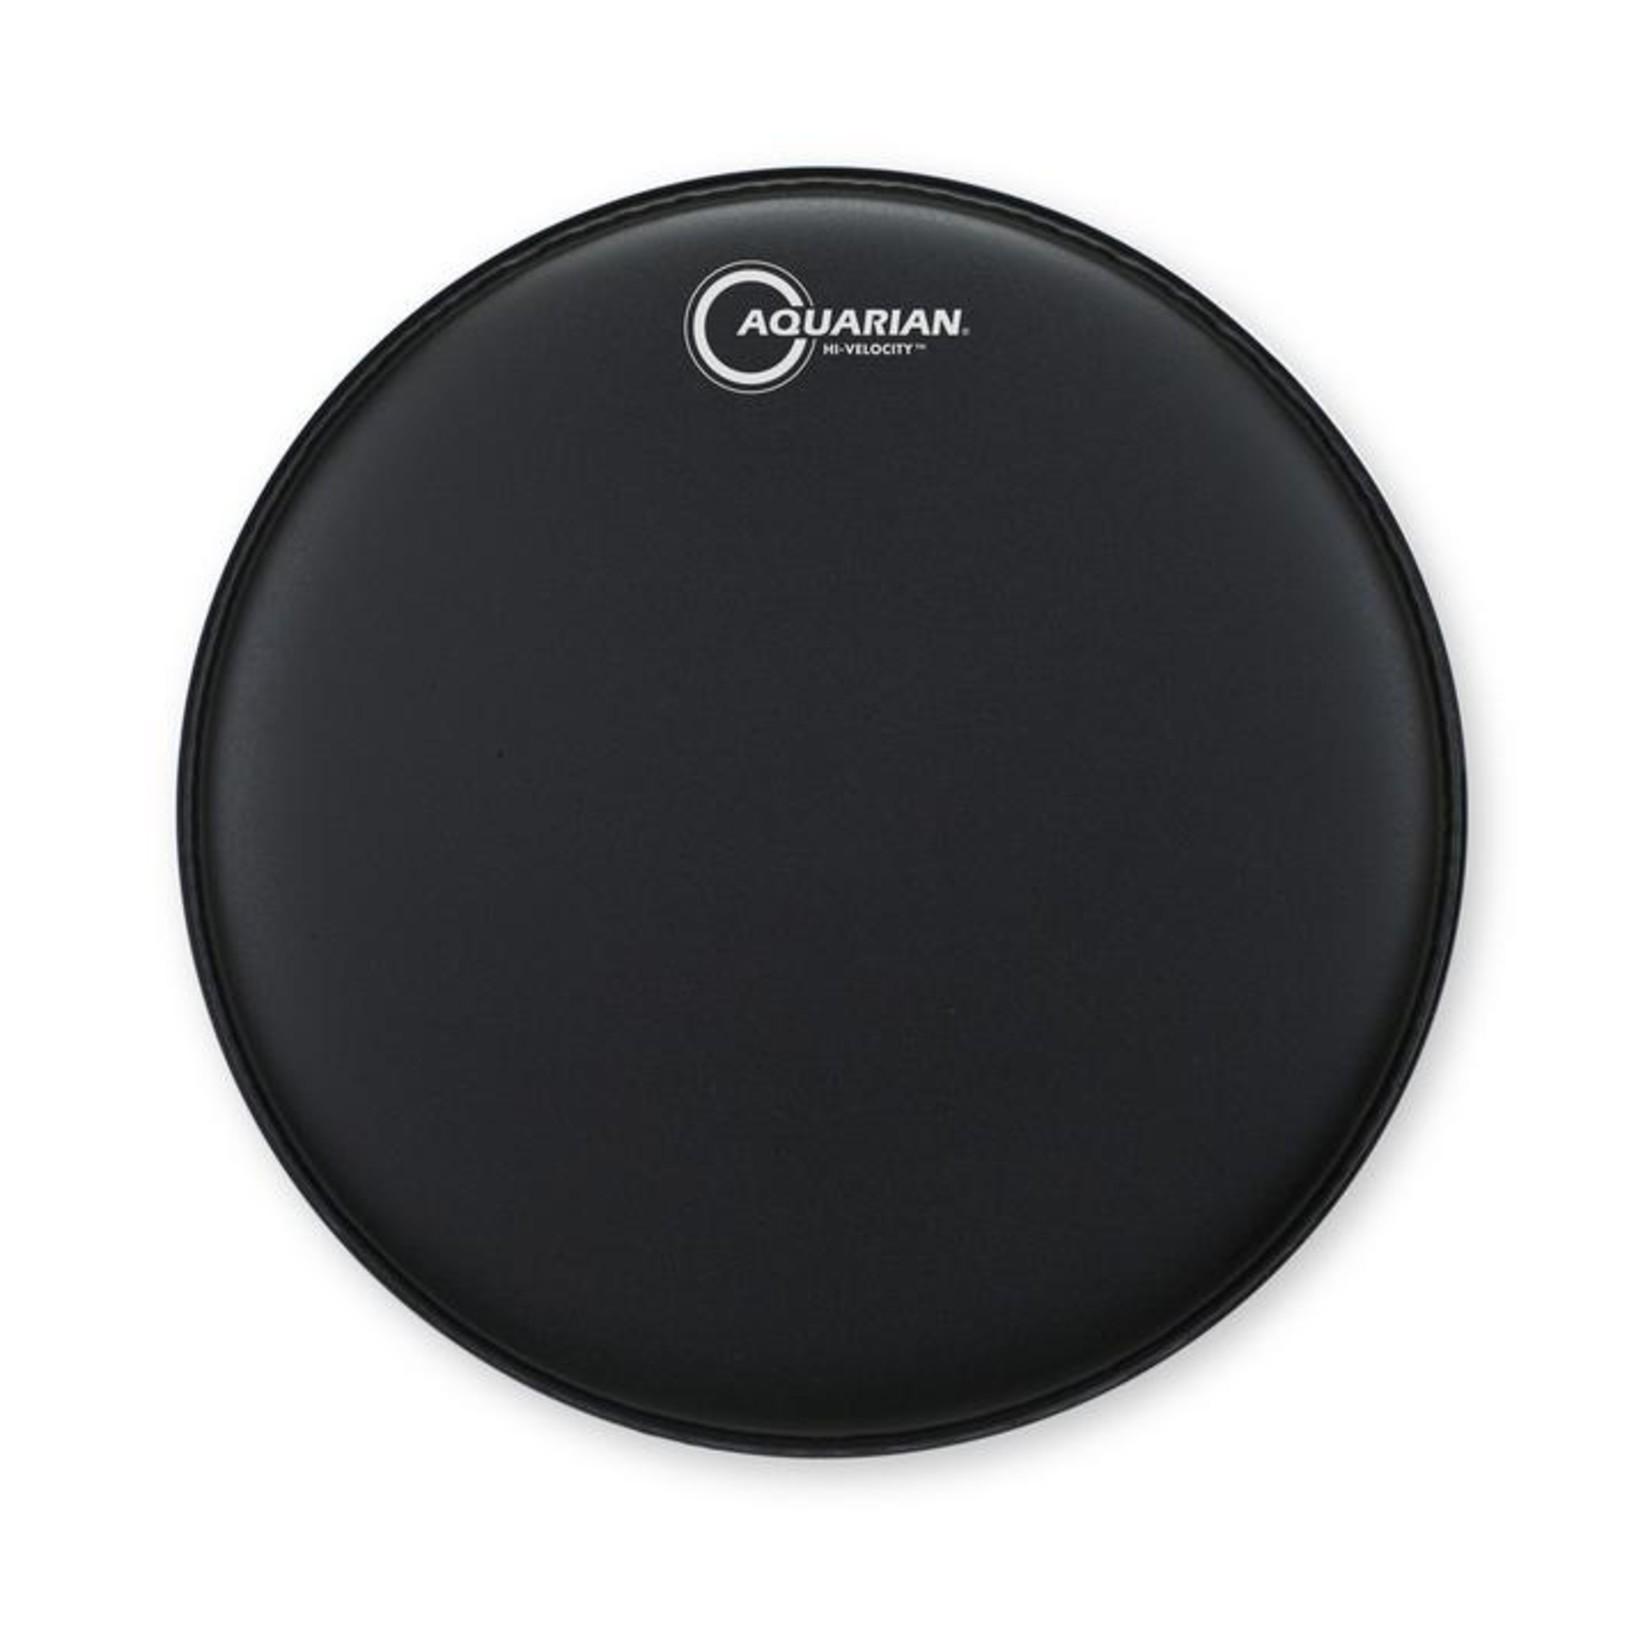 Aquarian Aquarian Hi-Velocity Black Texture Coated Snare Batter